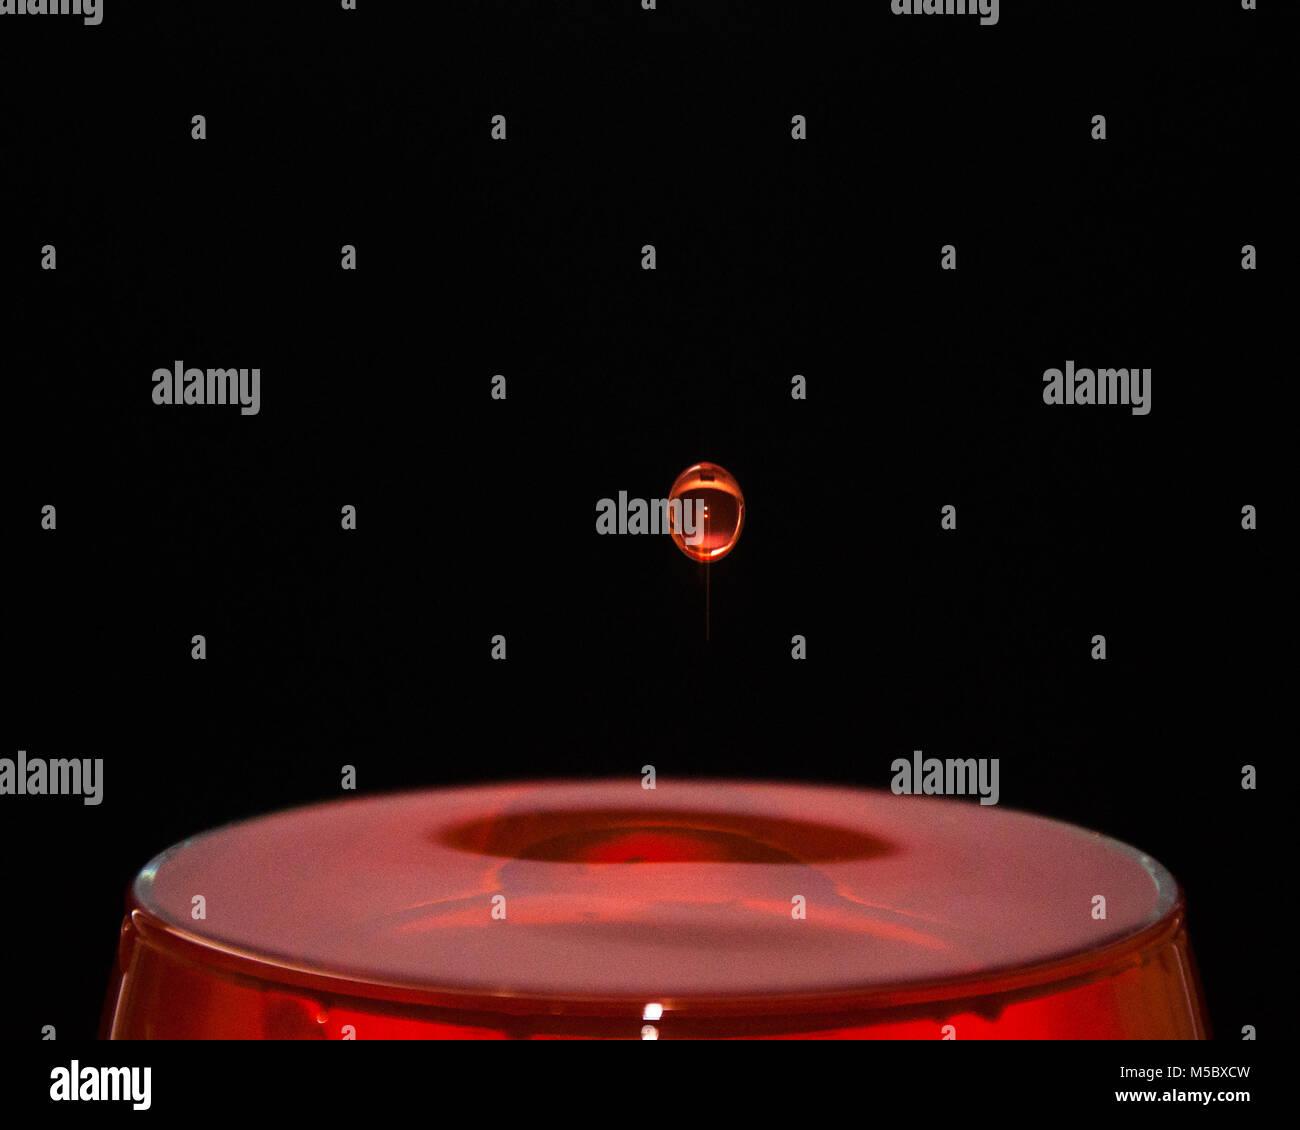 Rosso Vino Goccia Splash Sfondo Nero Foto Immagine Stock